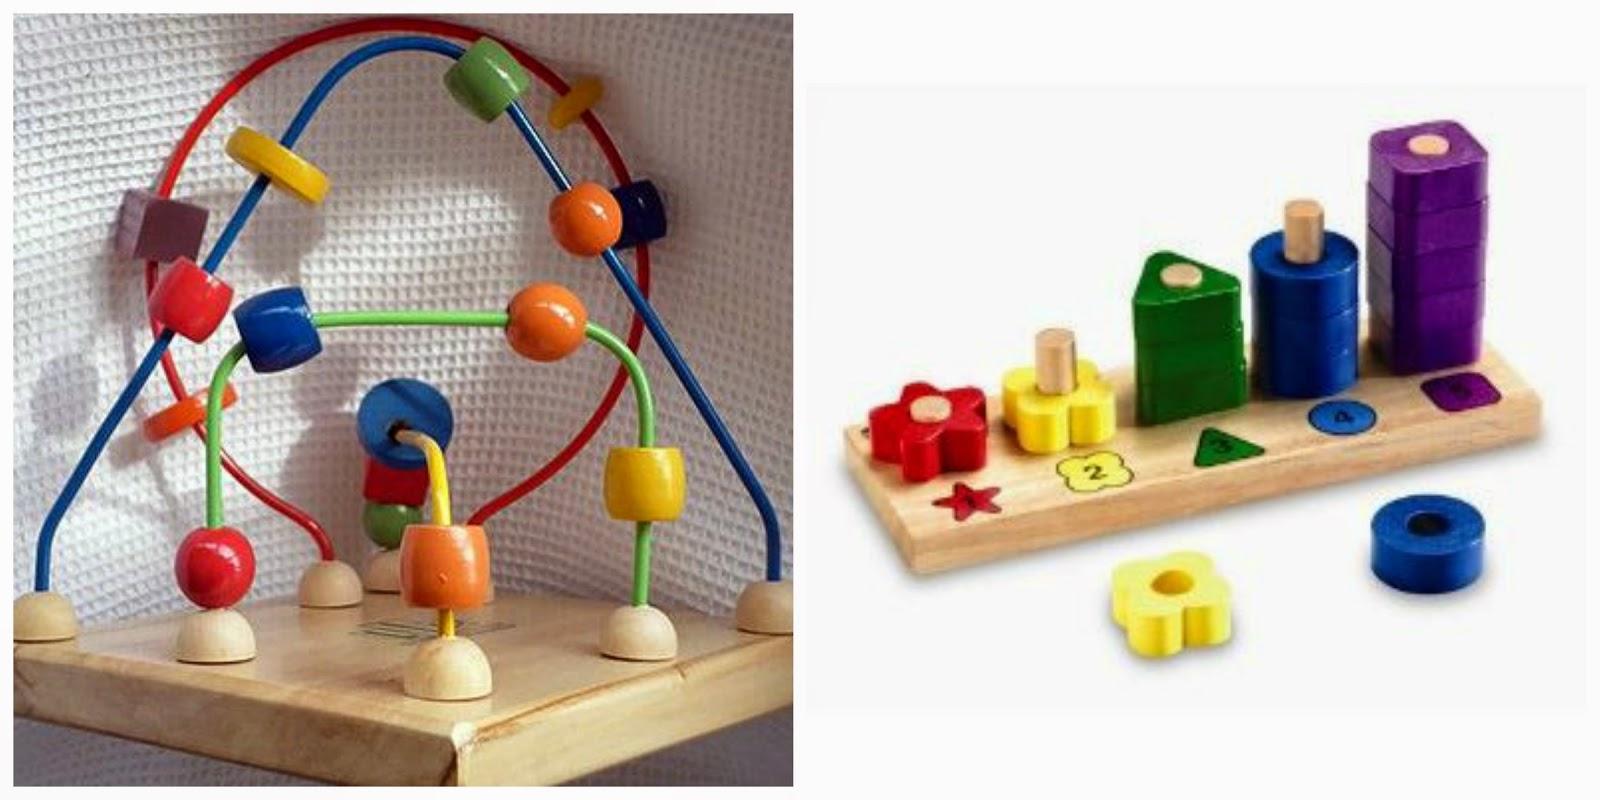 Trumpi juguetes educativos de madera for Casa de juguetes para jardin